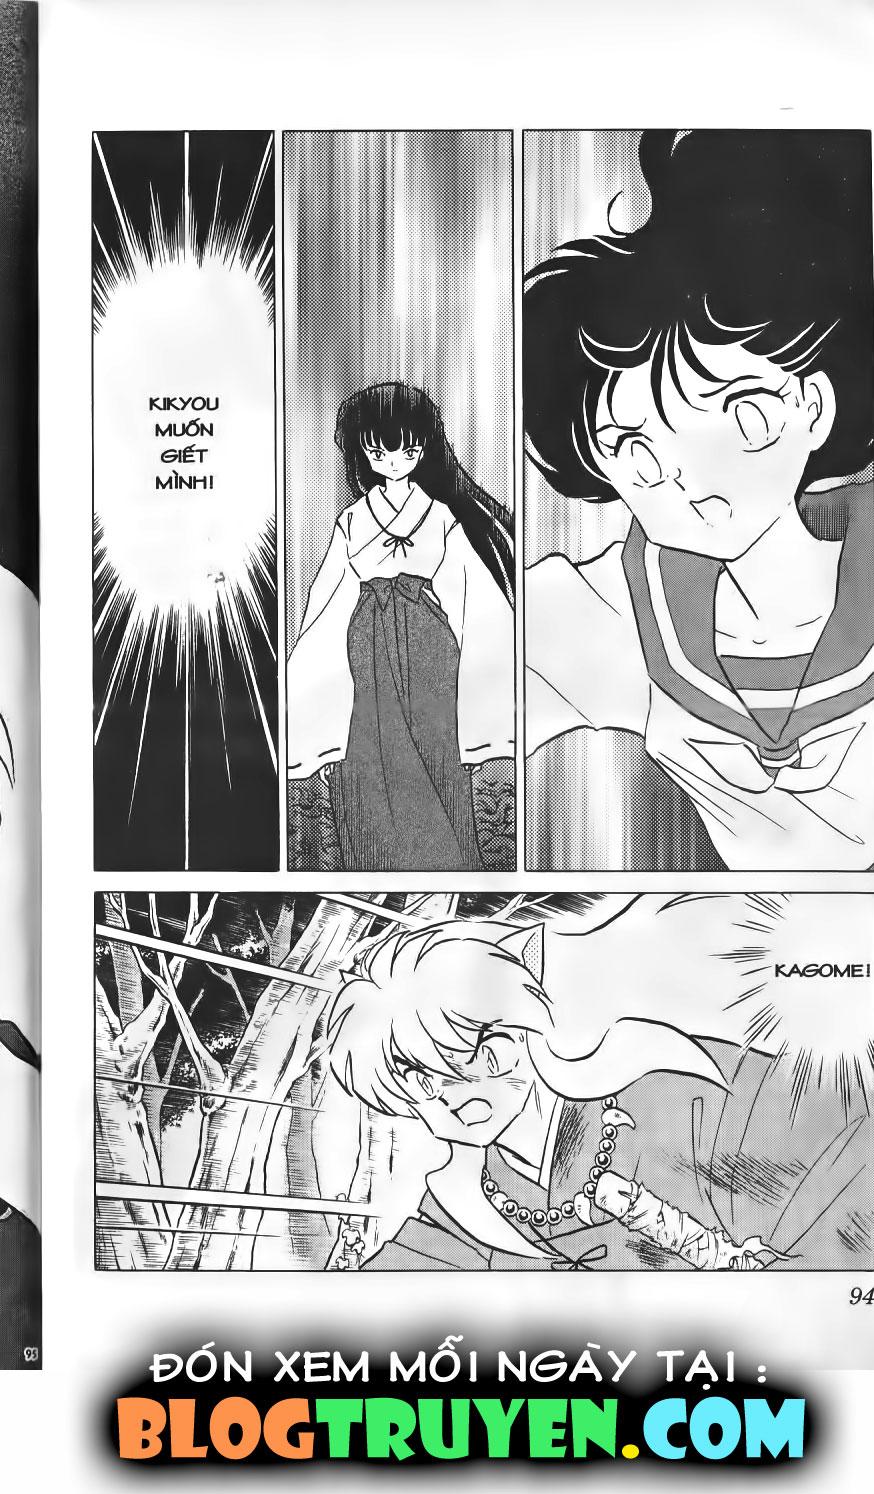 Inuyasha vol 13.5 trang 19